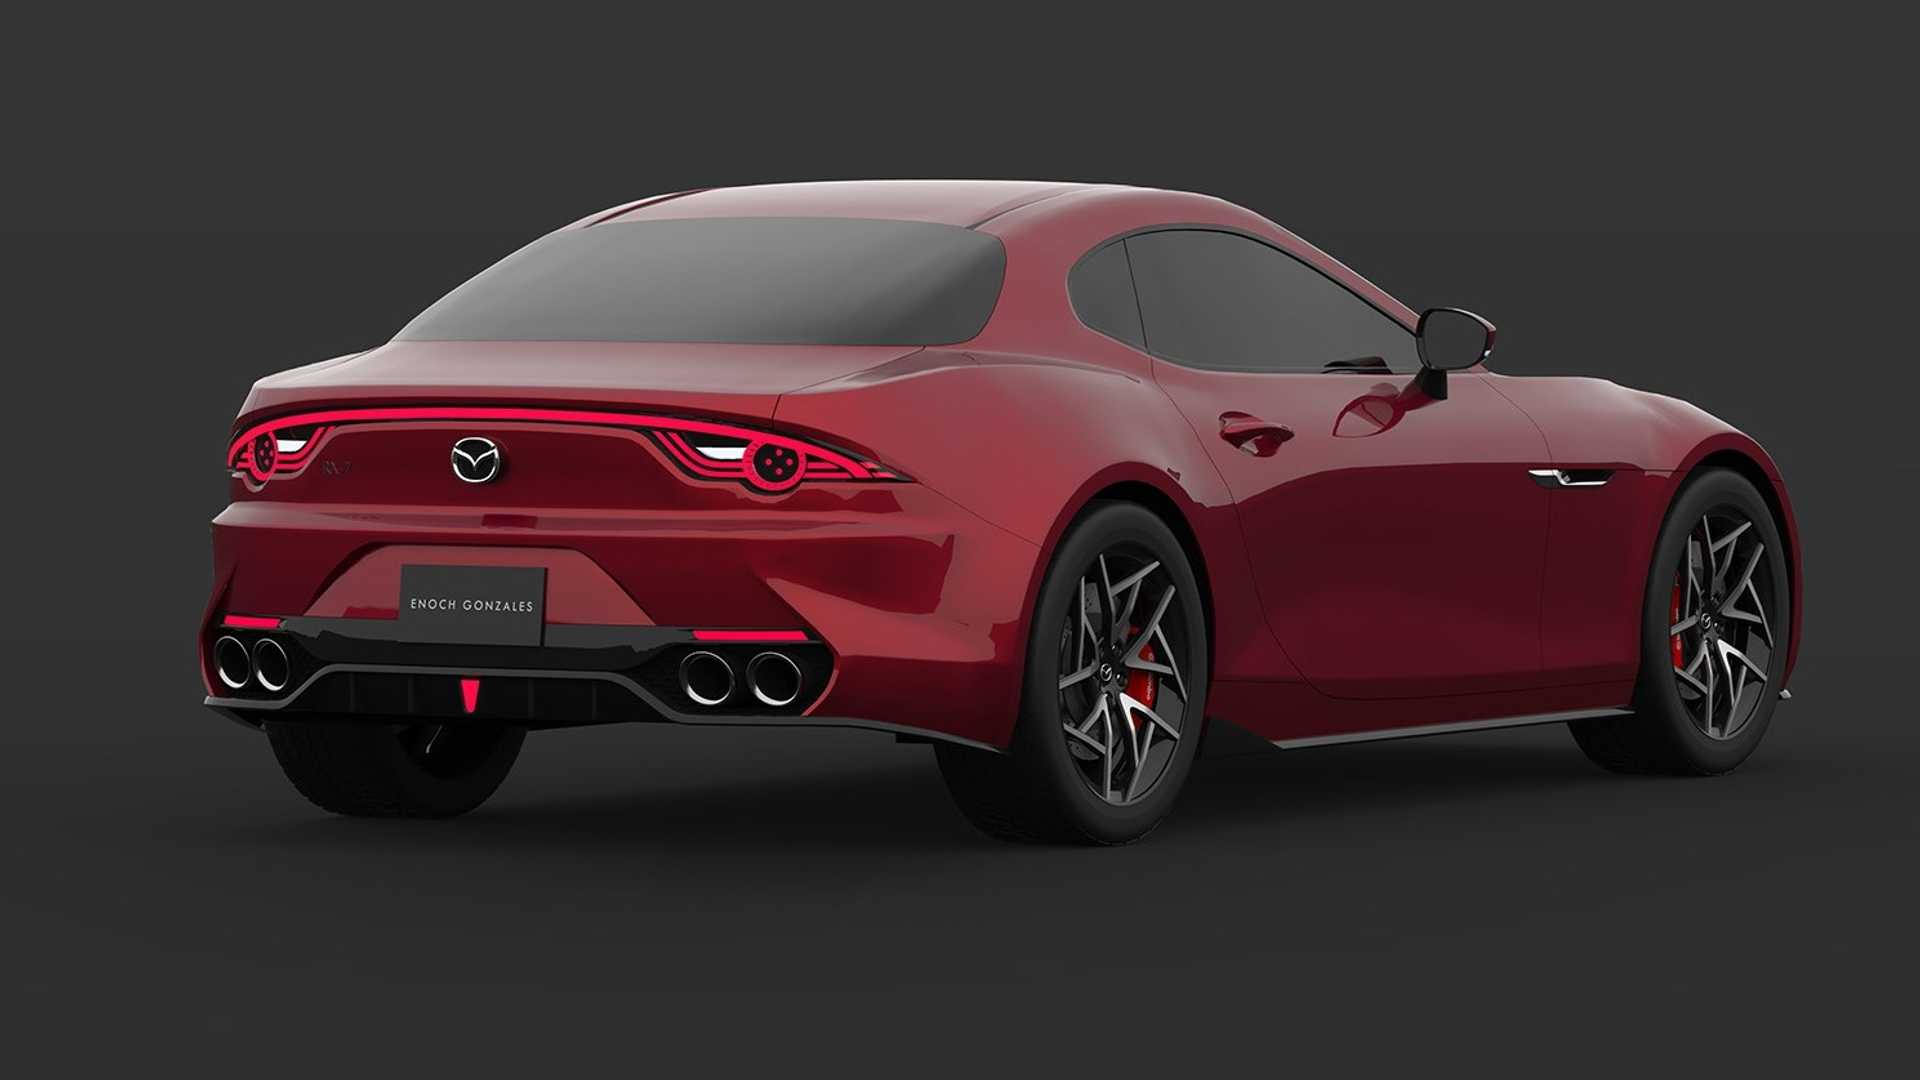 2020 Mazda RX7s Rumors